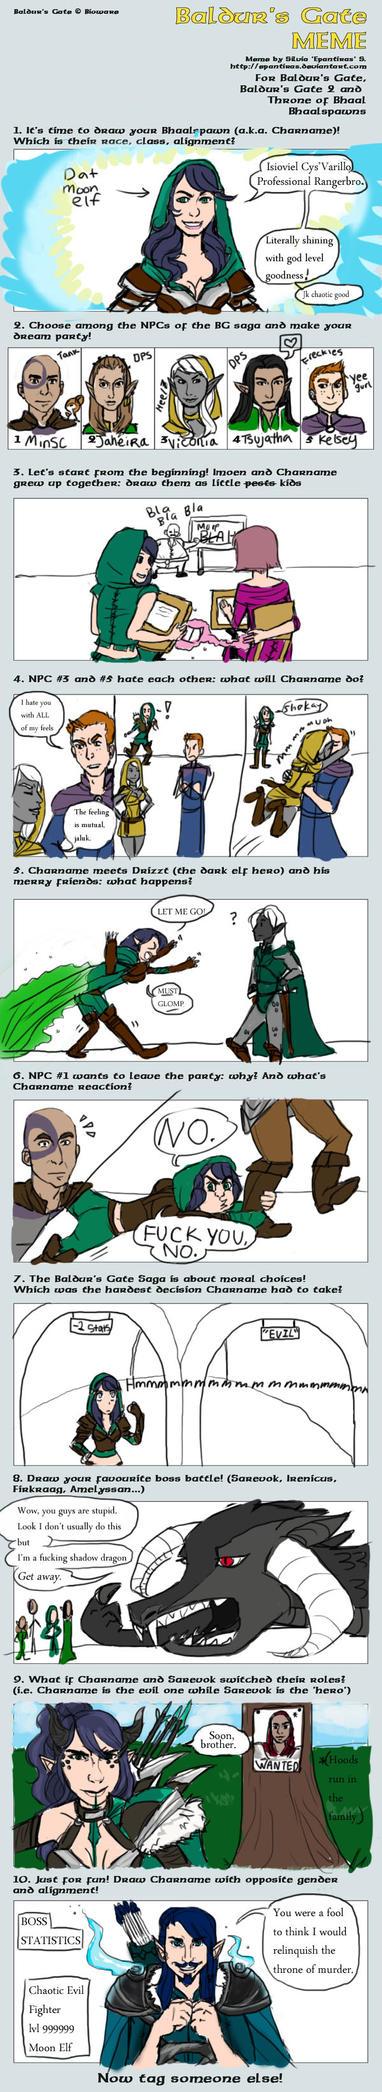 Baldurs Gate Meme by Magp1e